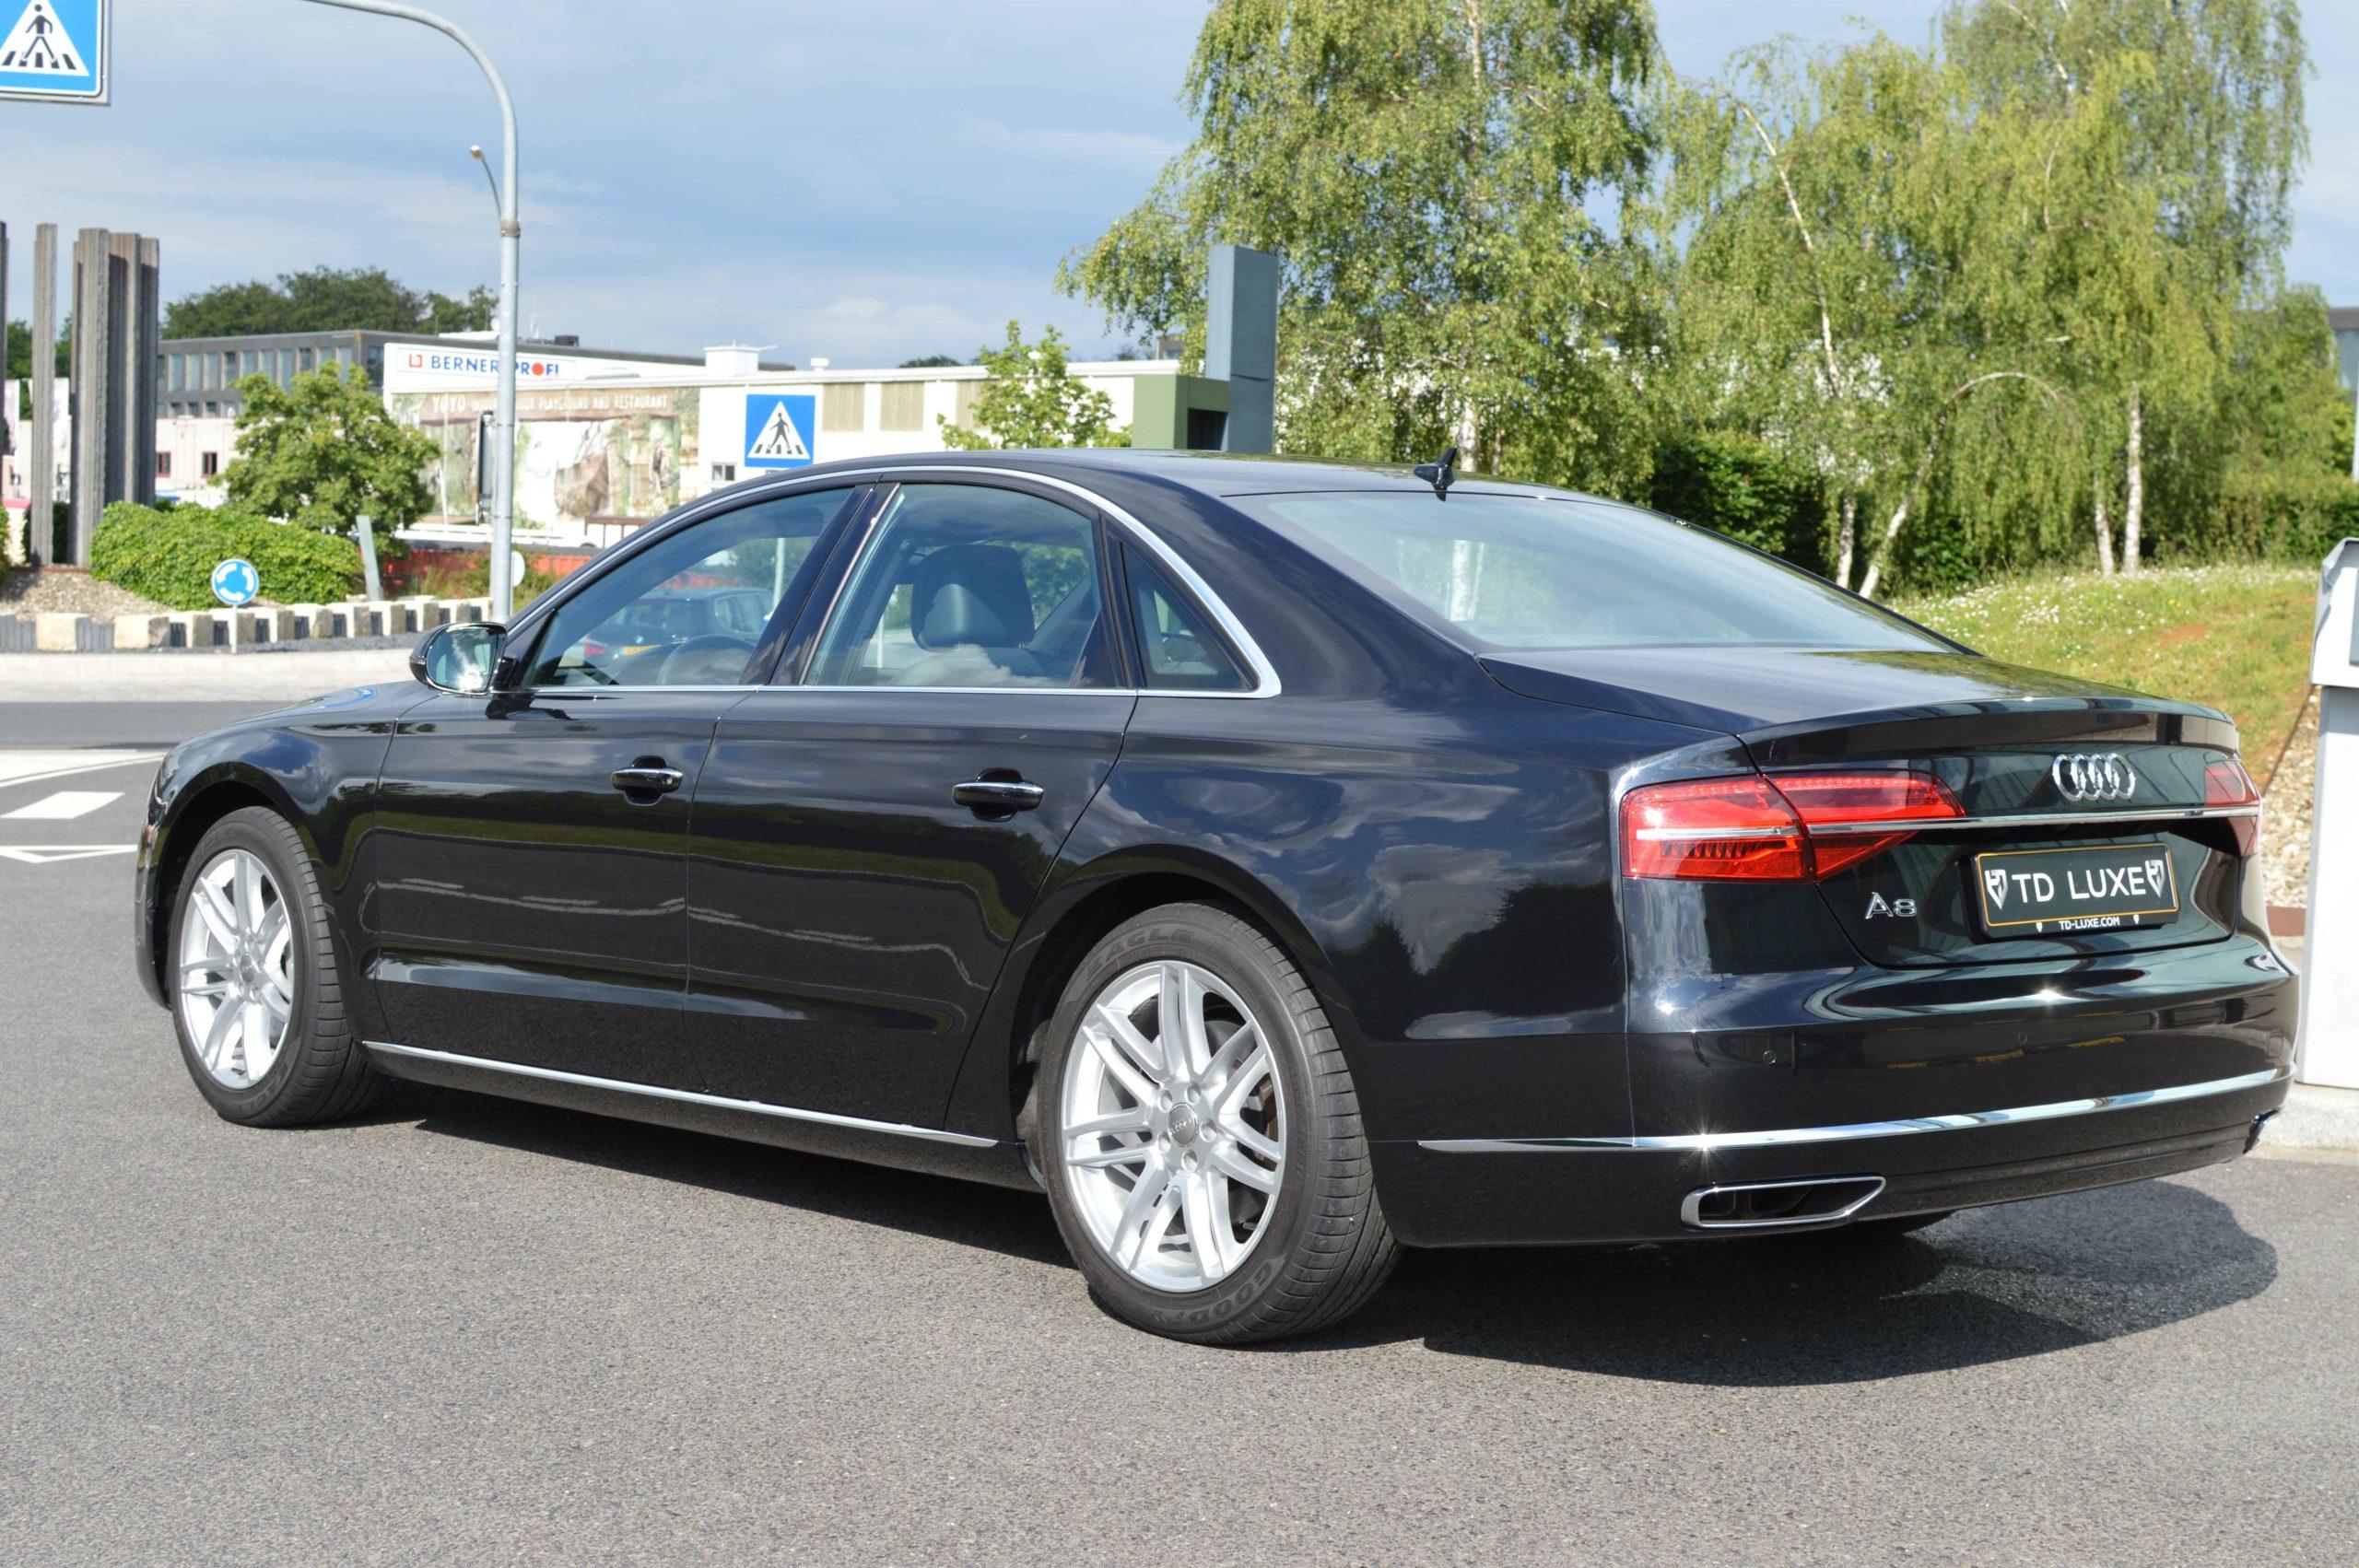 Kelebihan Kekurangan Audi A8 3.0 Tdi Tangguh